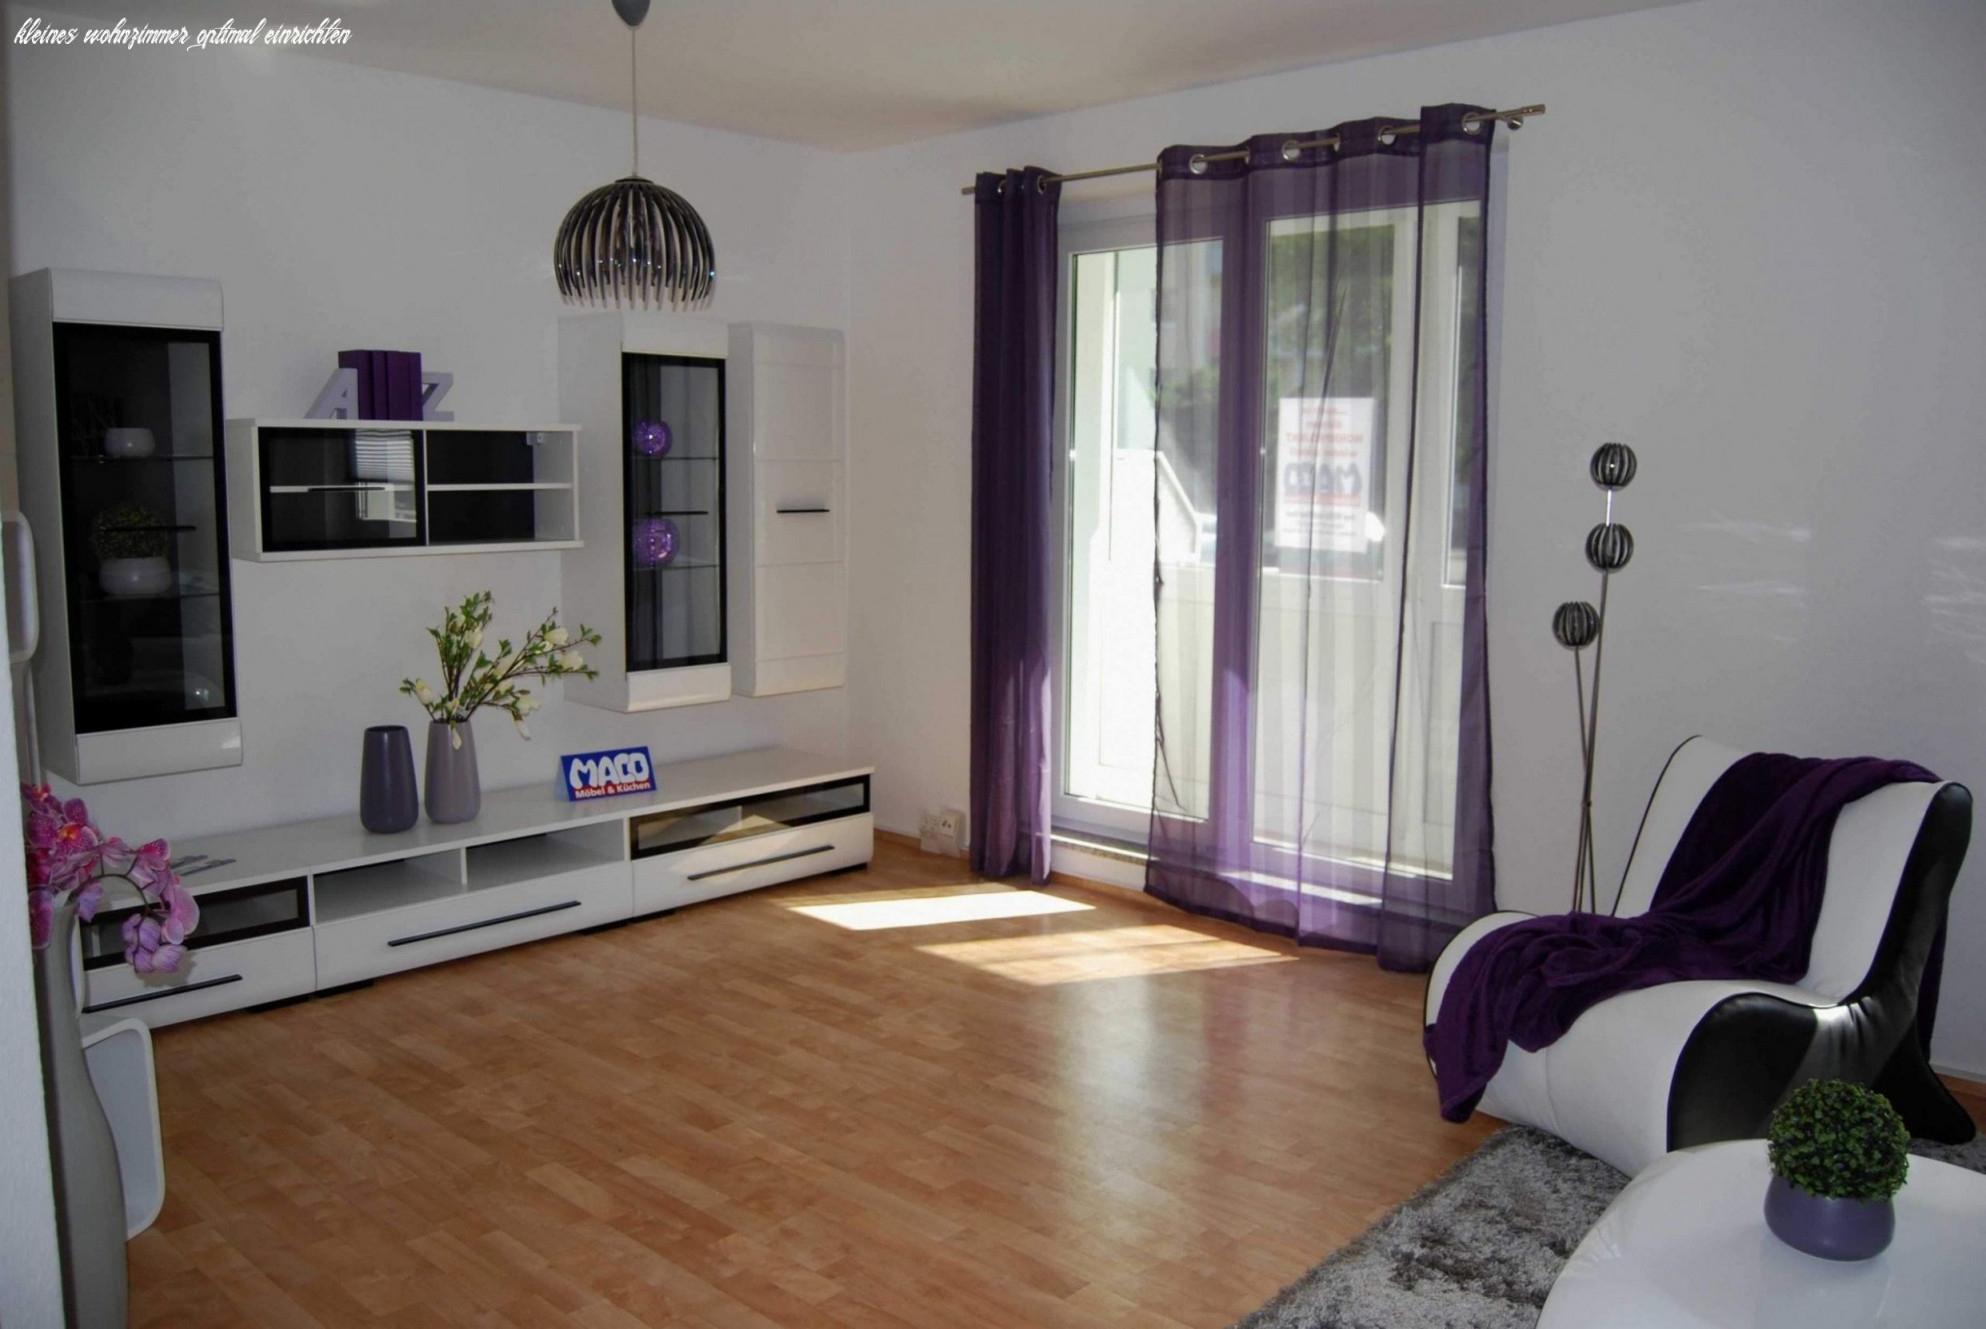 Ist Kleines Wohnzimmer Optimal Einrichten Noch Relevant In von Kleines Wohnzimmer Optimal Einrichten Photo